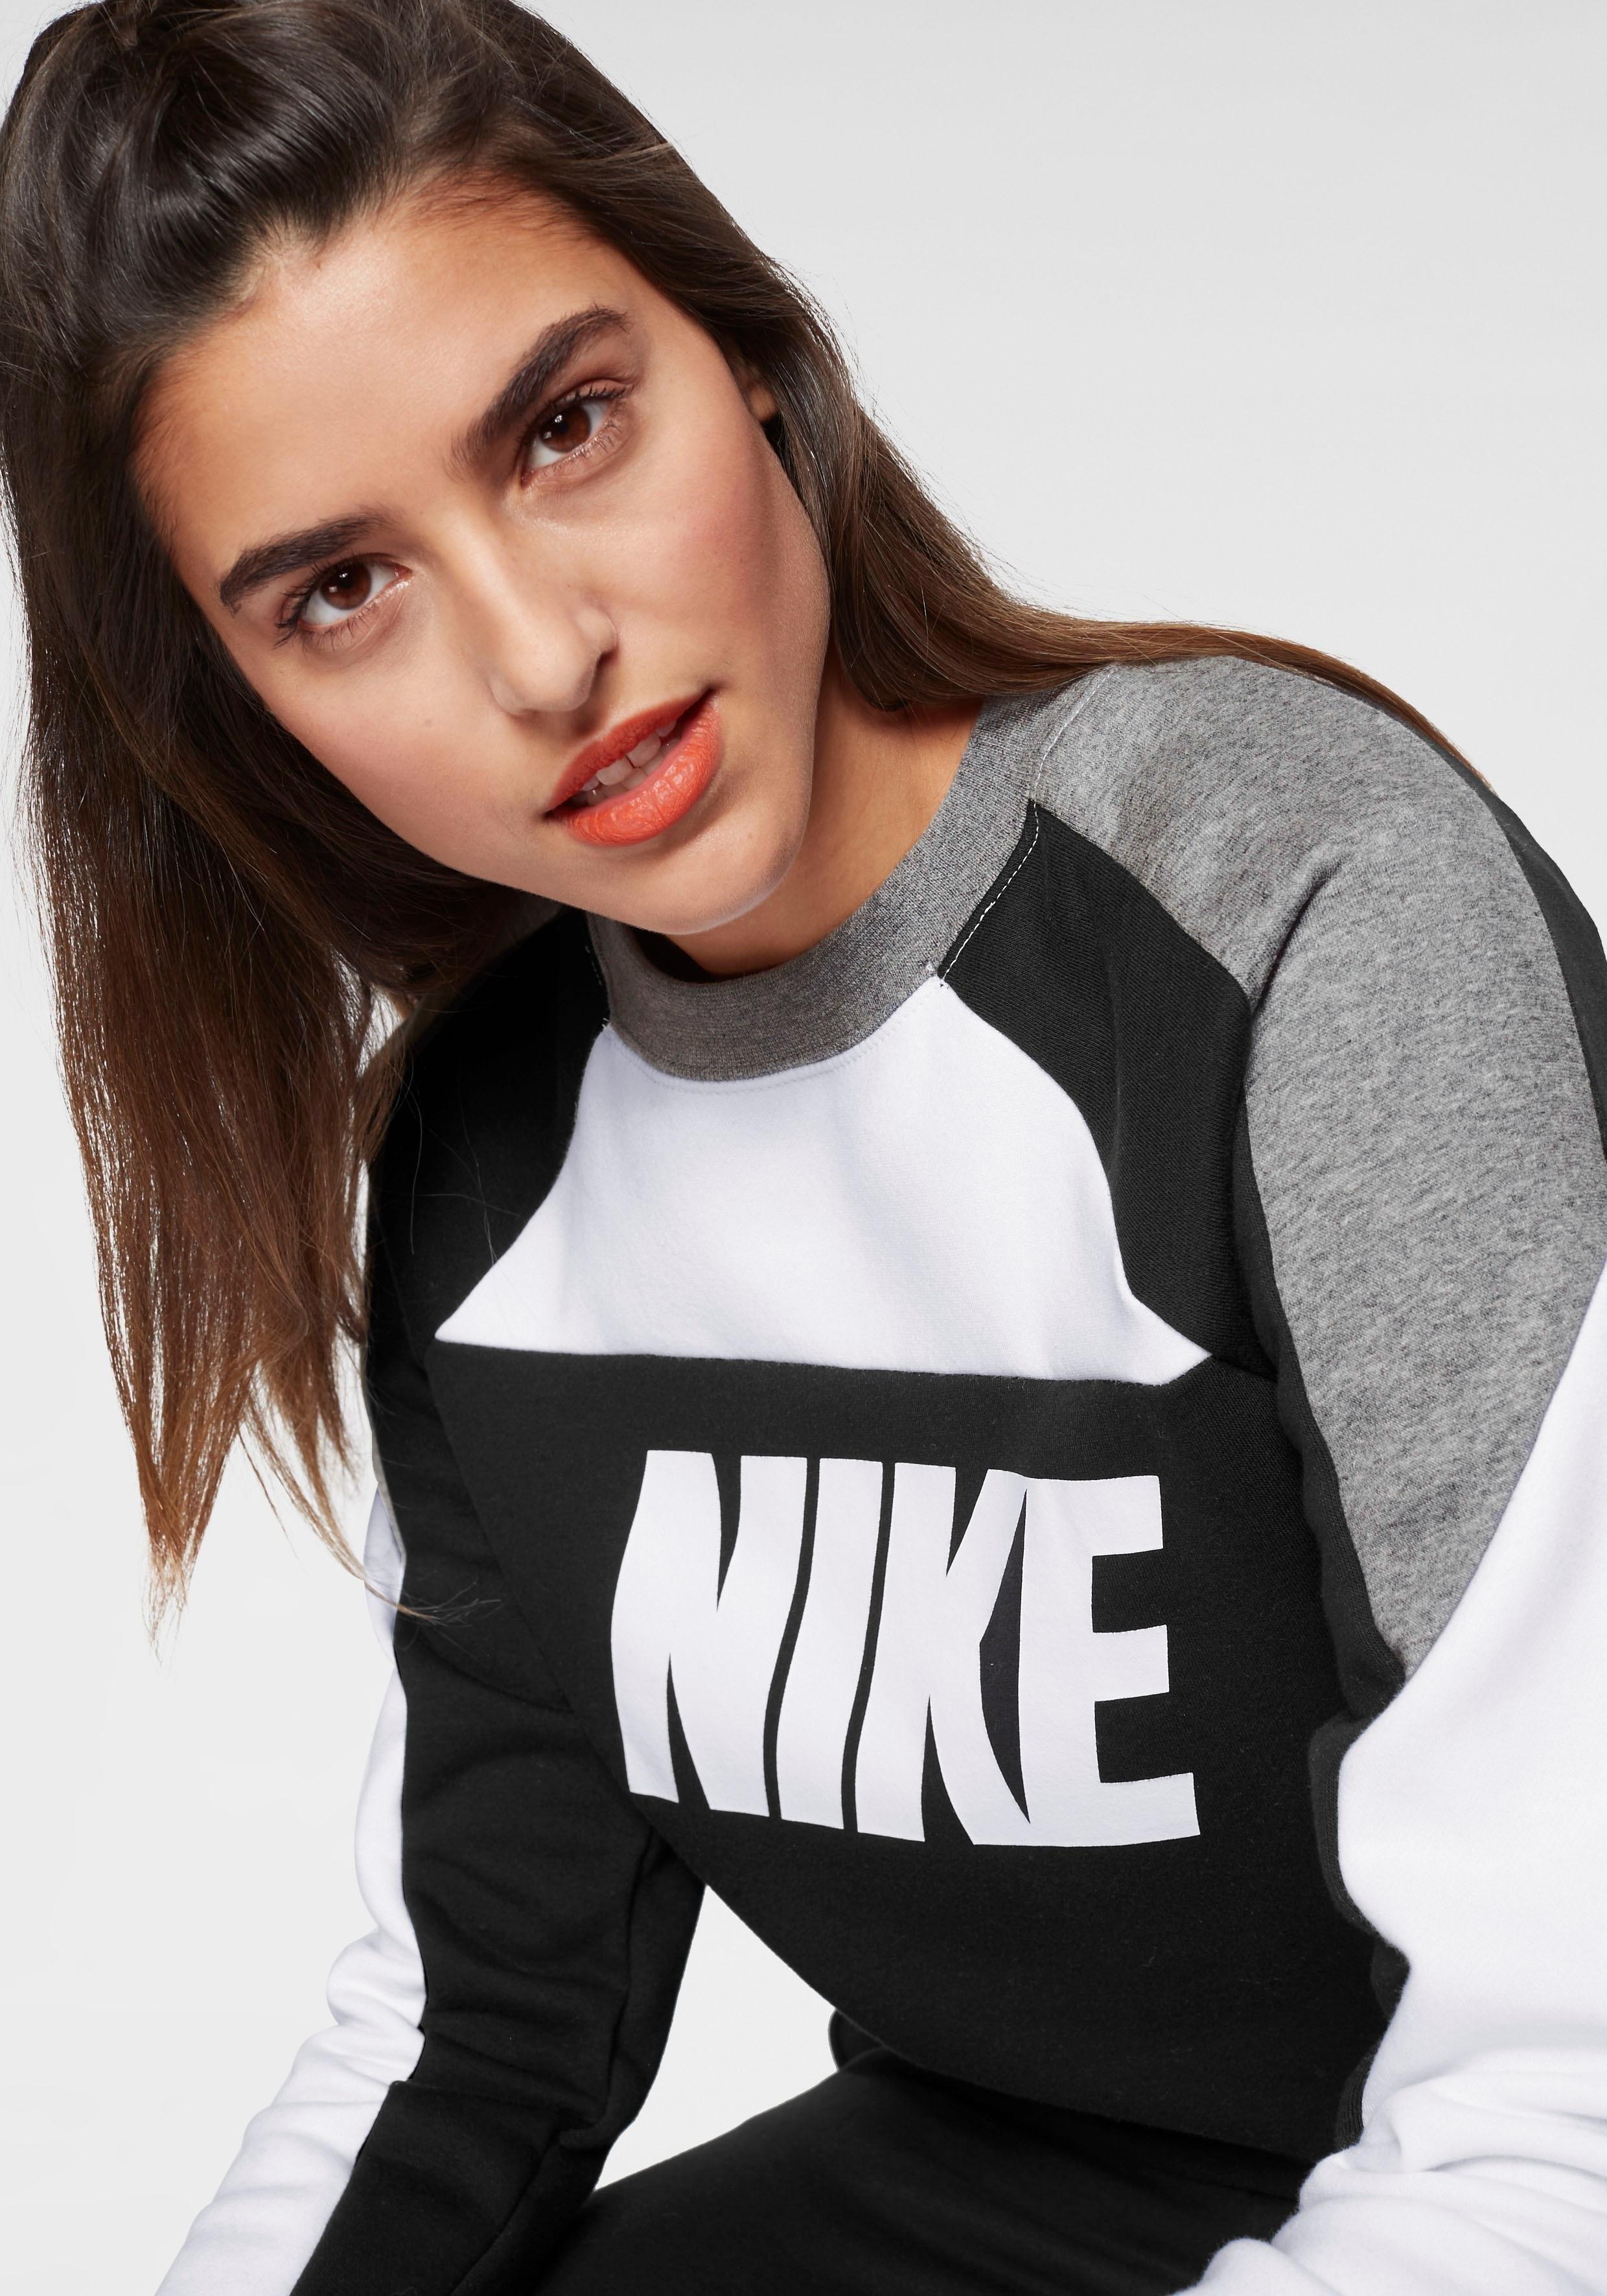 Verkrijgbaar Crew Cb Sweatshirtw Nike Nsw Sportswear Online Flc kZPOXui